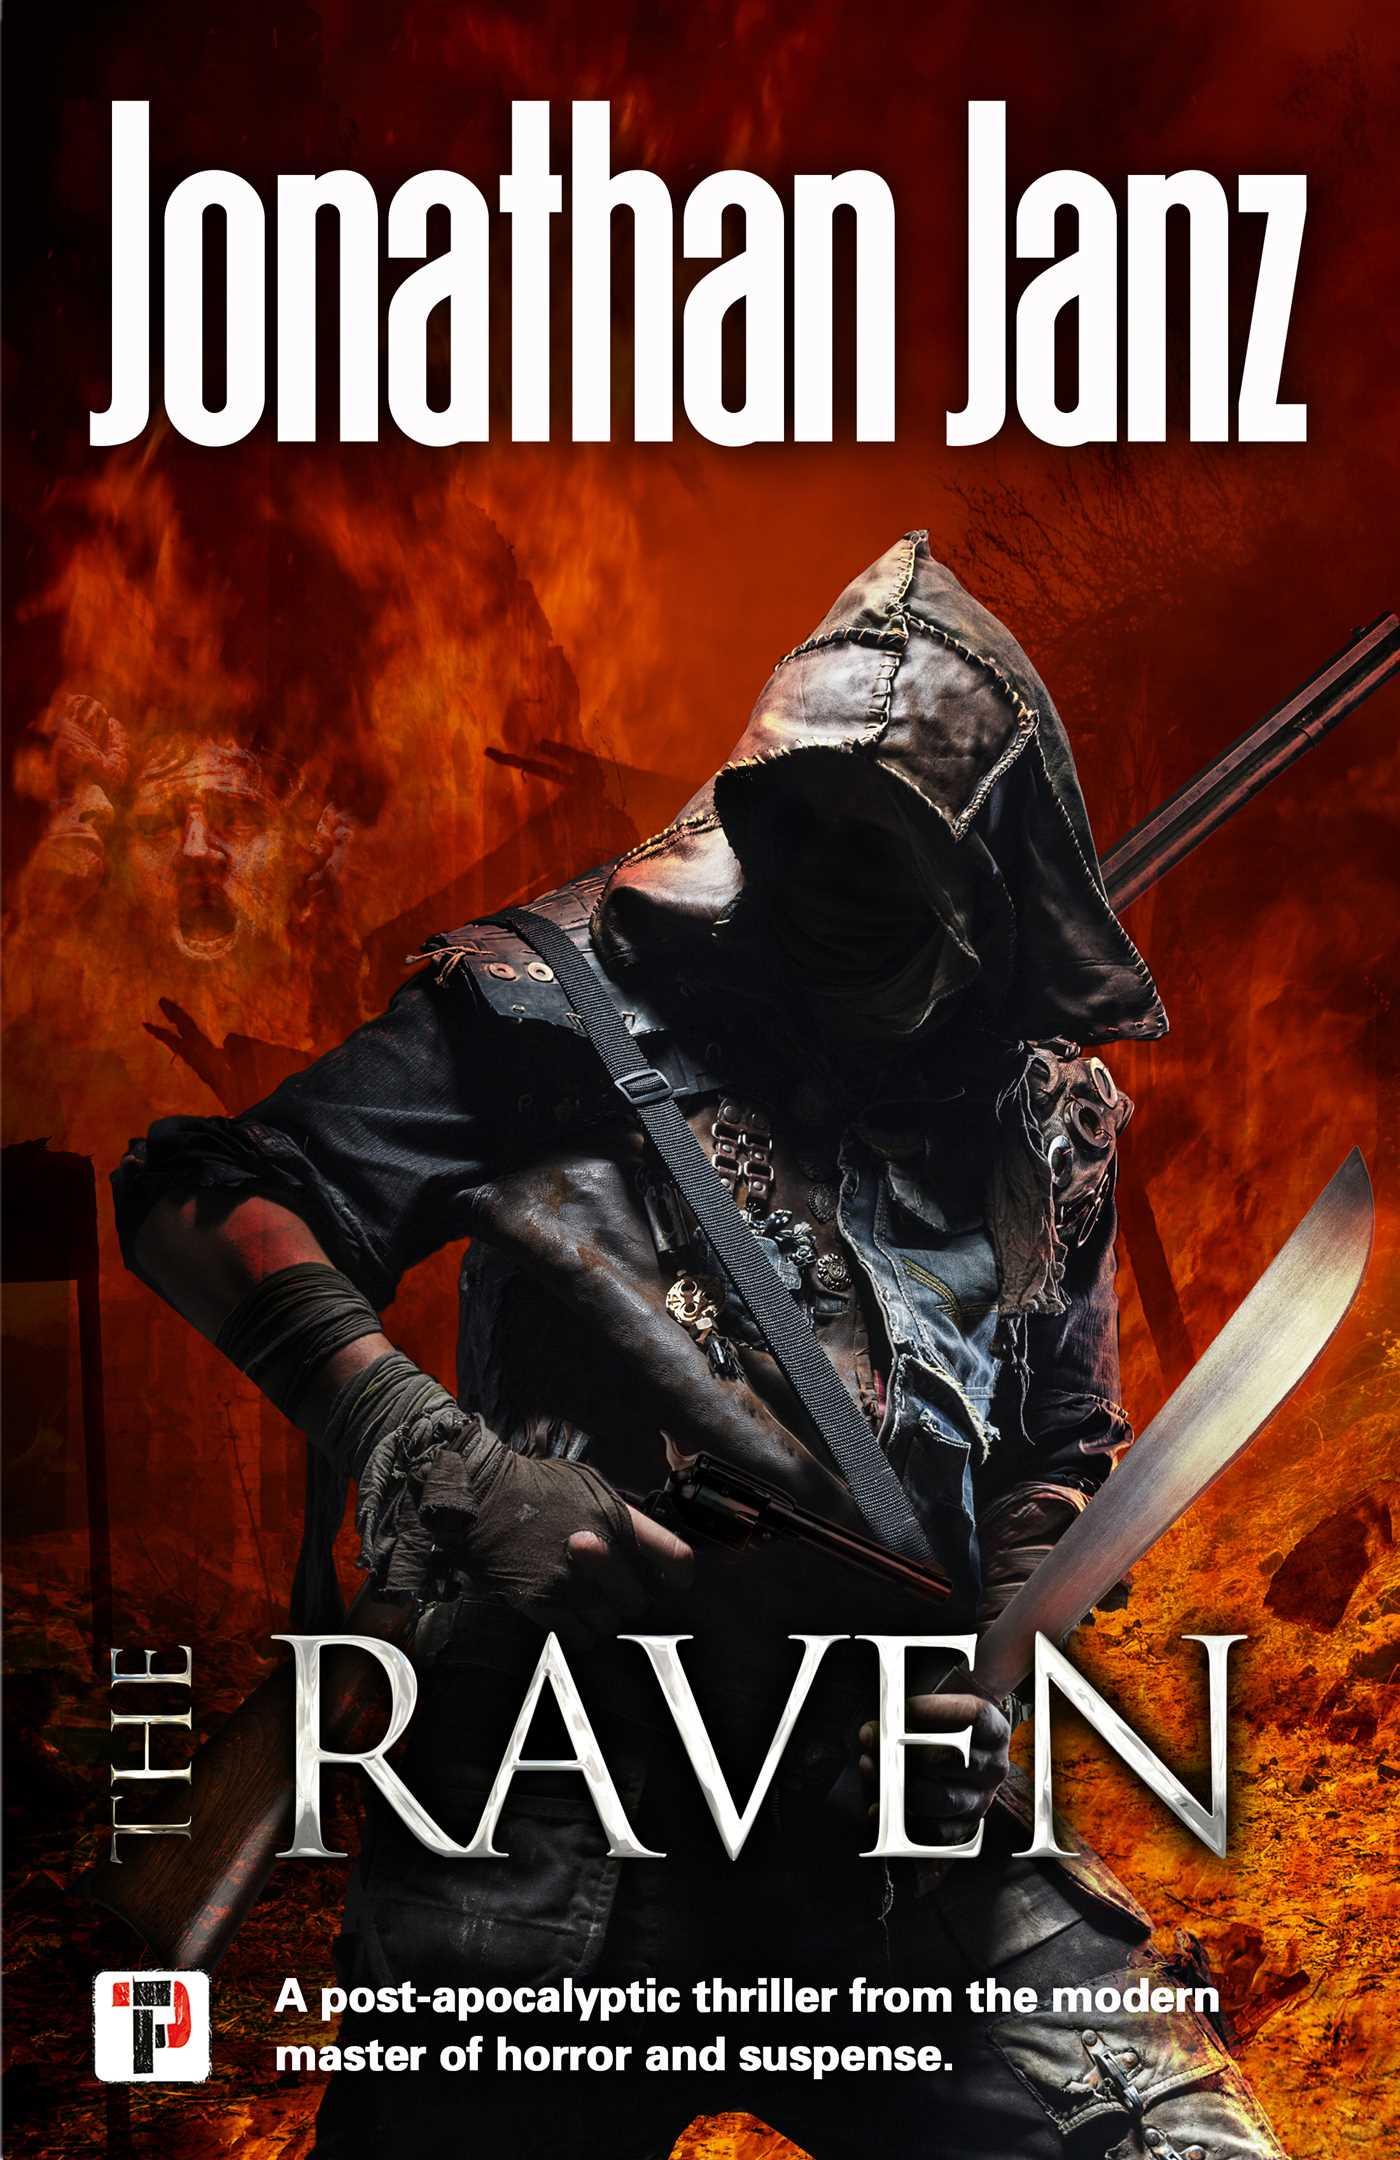 The Raven by Jonathan Janz